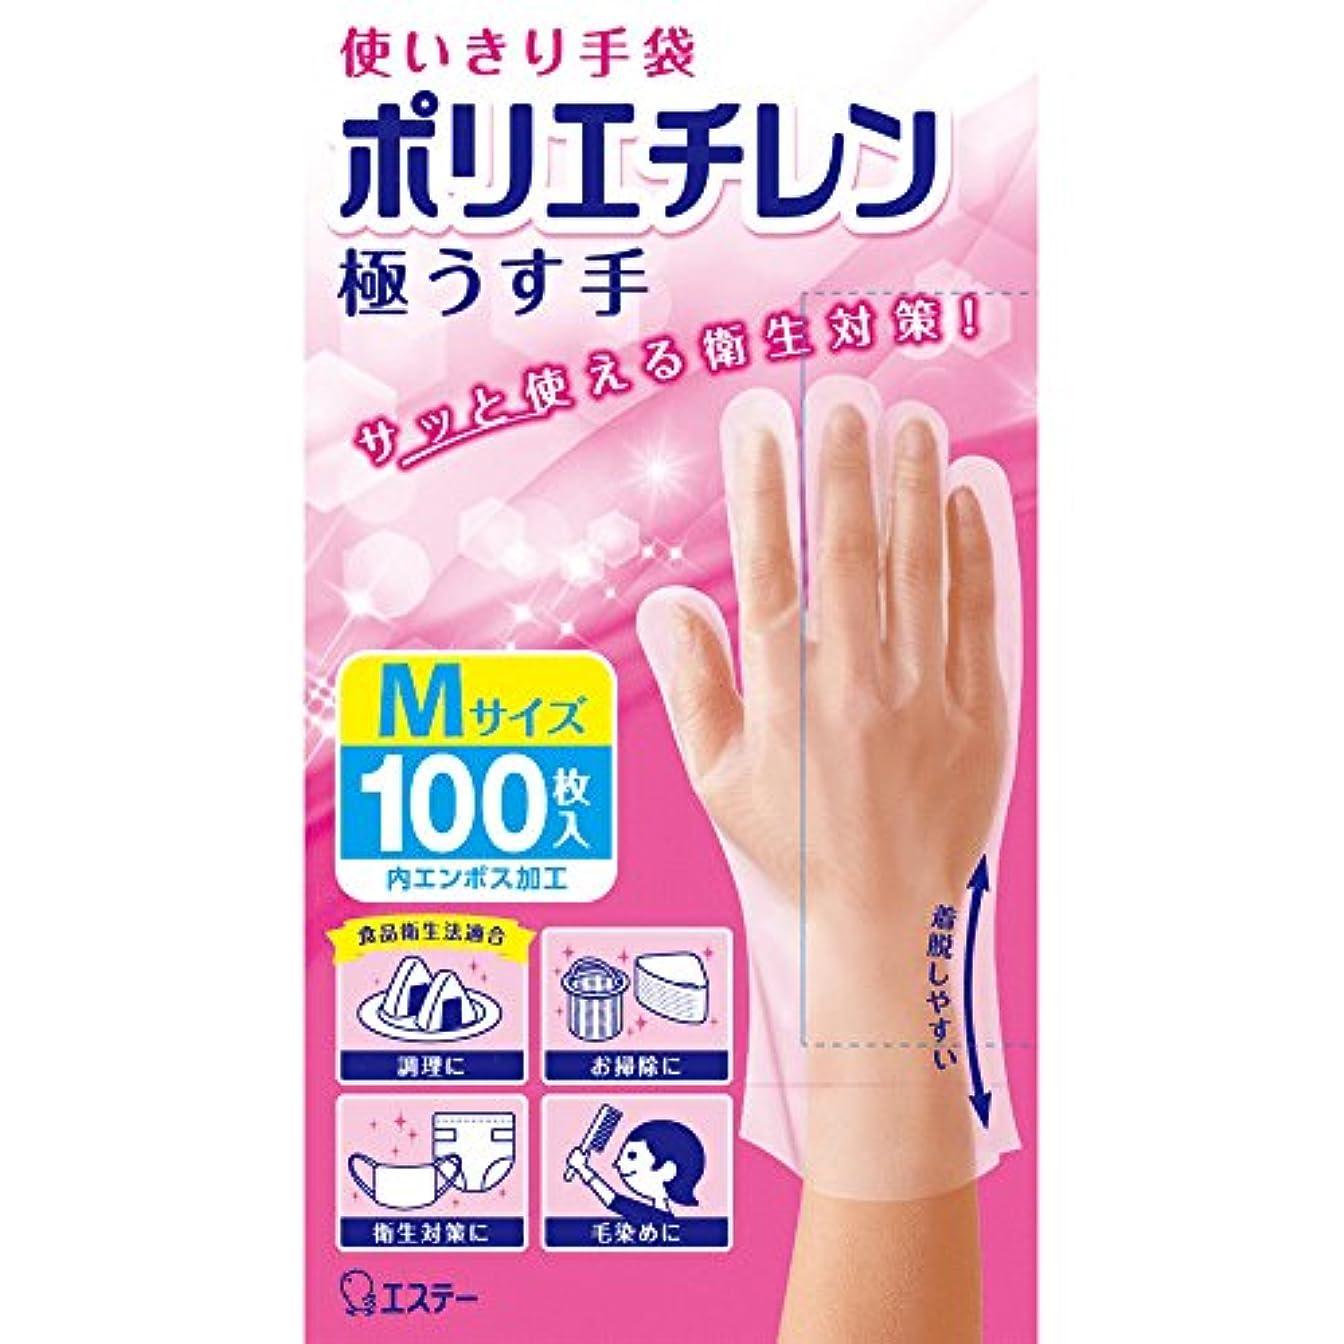 赤外線余韻上記の頭と肩使いきり手袋 ポリエチレン 極うす手 Mサイズ 半透明 100枚 使い捨て 食品衛生法適合